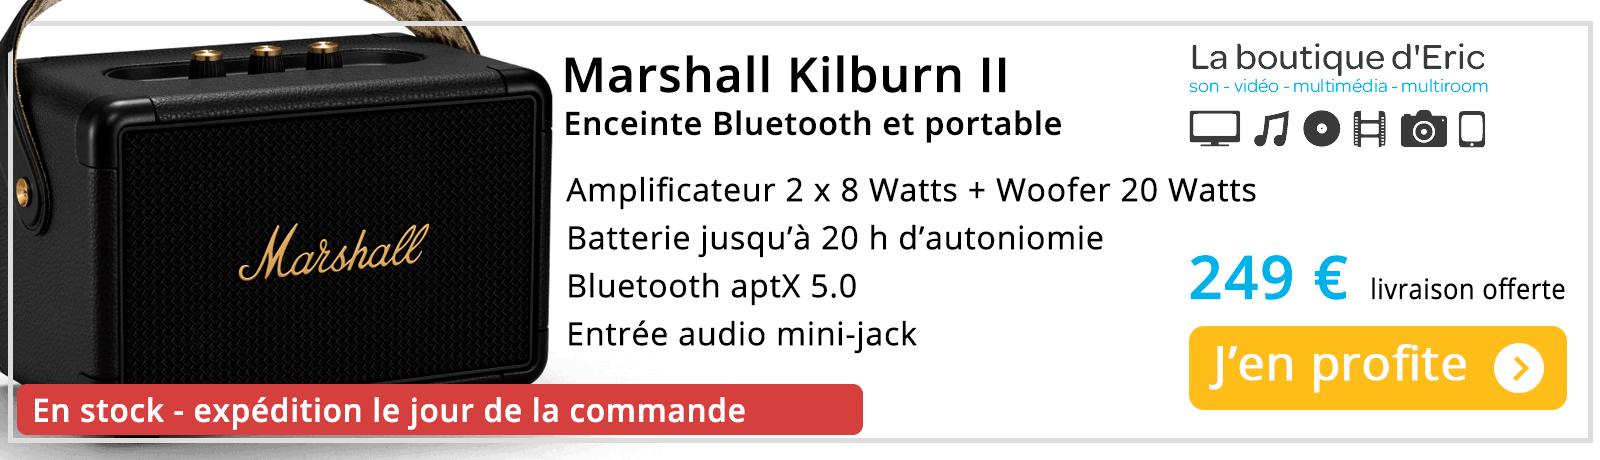 Marshall Kilburn 2 enceinte Bluetooth portable et puissante. Batterie 20 h d'autonomie - promotion